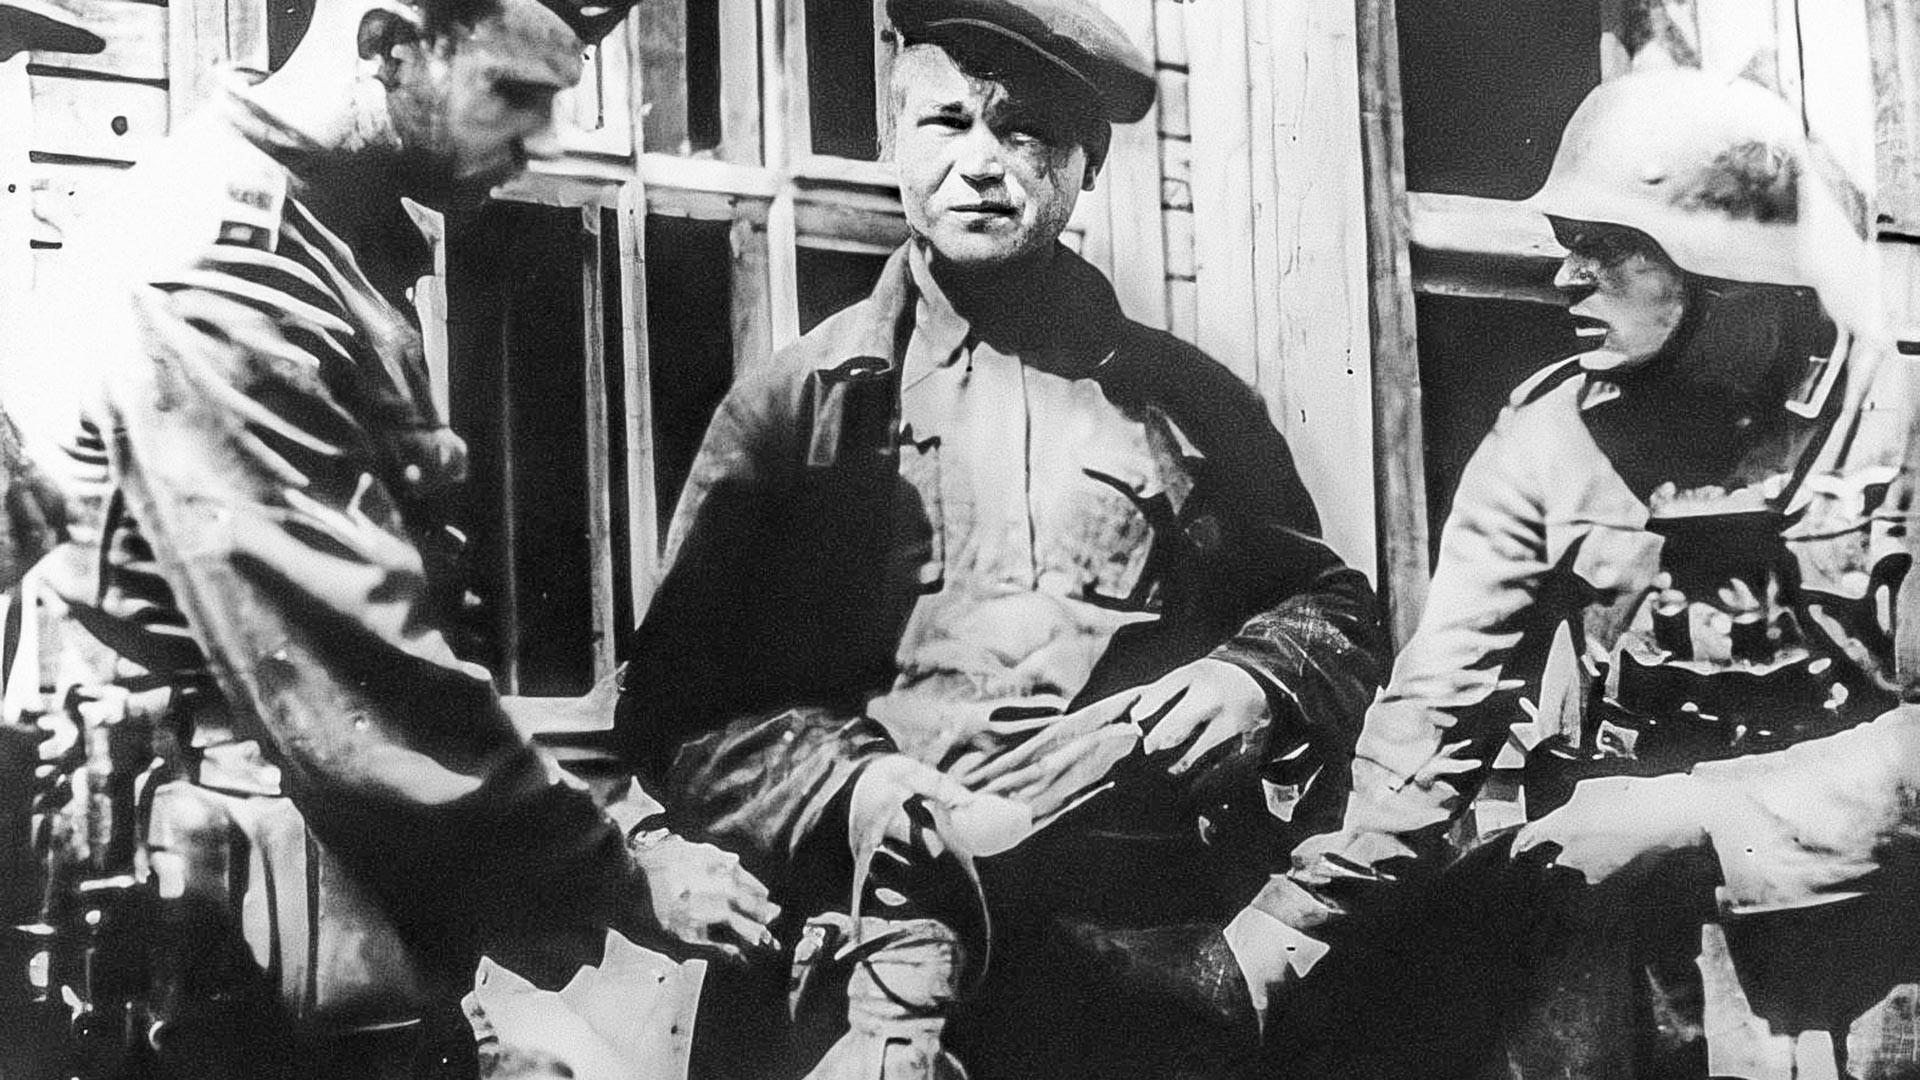 Германия, 1942 г., германско-румънски срещи: Адолф Хитлер приема заместник министър-председателя Михай Антонеску